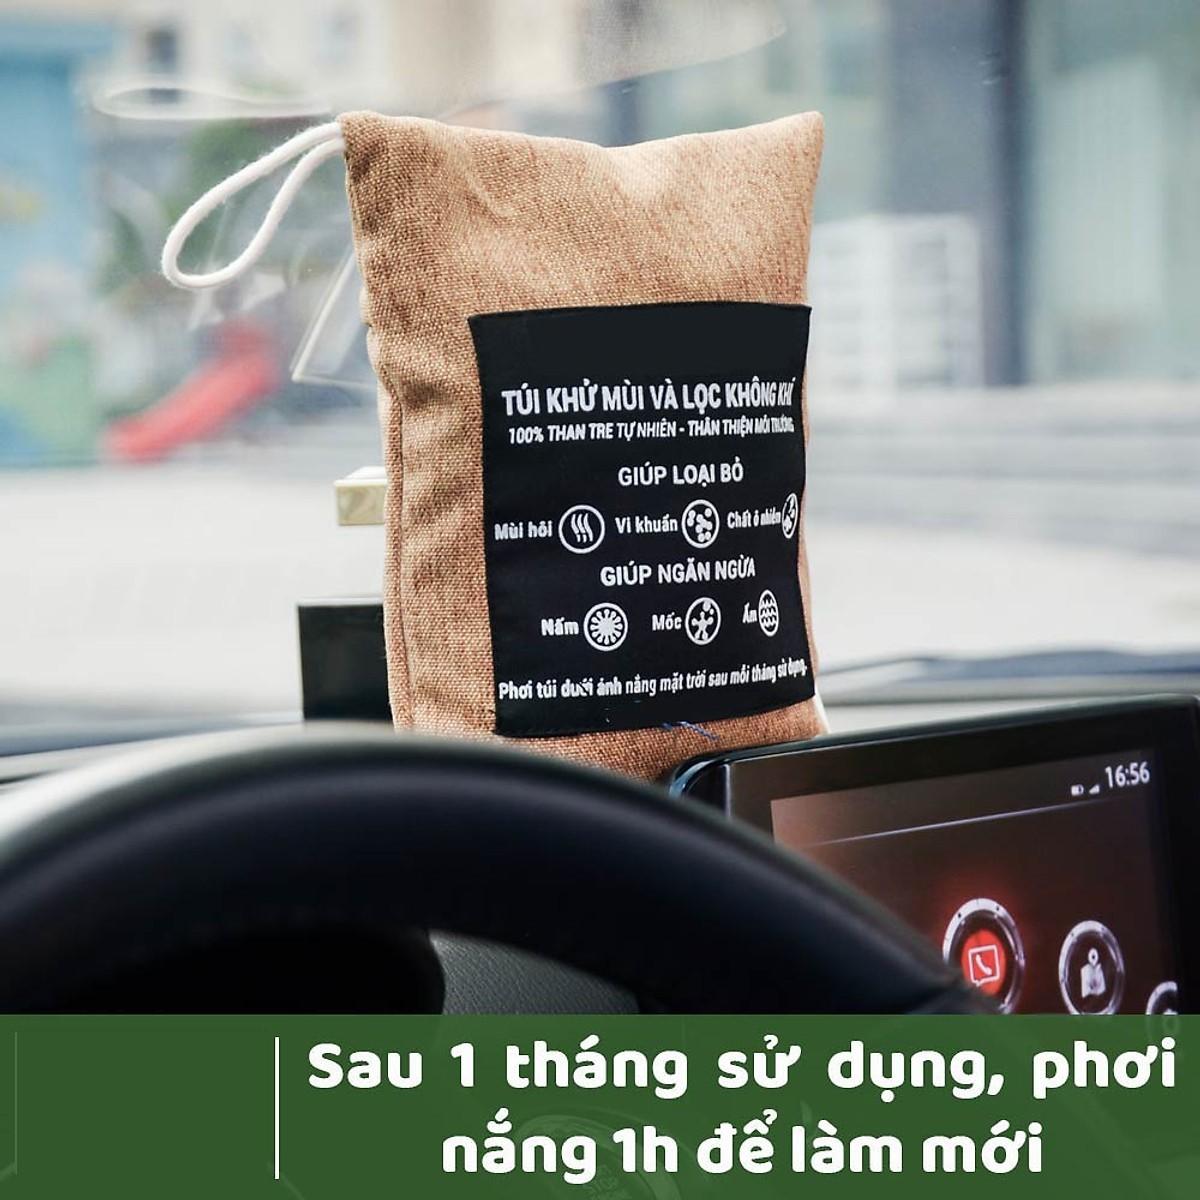 (Mua 1 Tặng 1) Combo Túi Than Hoạt Tính Khử Mùi Hôi, Ẩm Mốc, Vi Khuẩn, Mùi Nội Thất Ô Tô Tặng Kèm Móc Treo Ô Tô Tiện Lợi